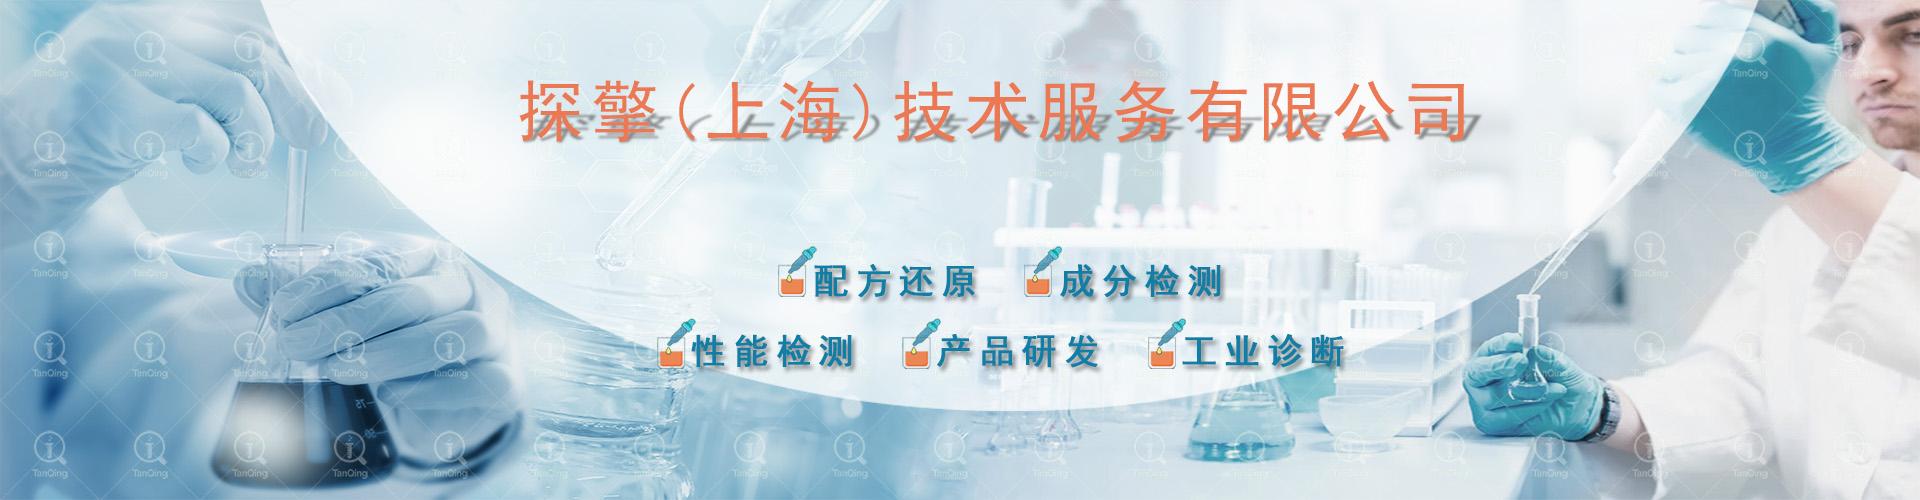 探擎(上海)技术服务有限公司